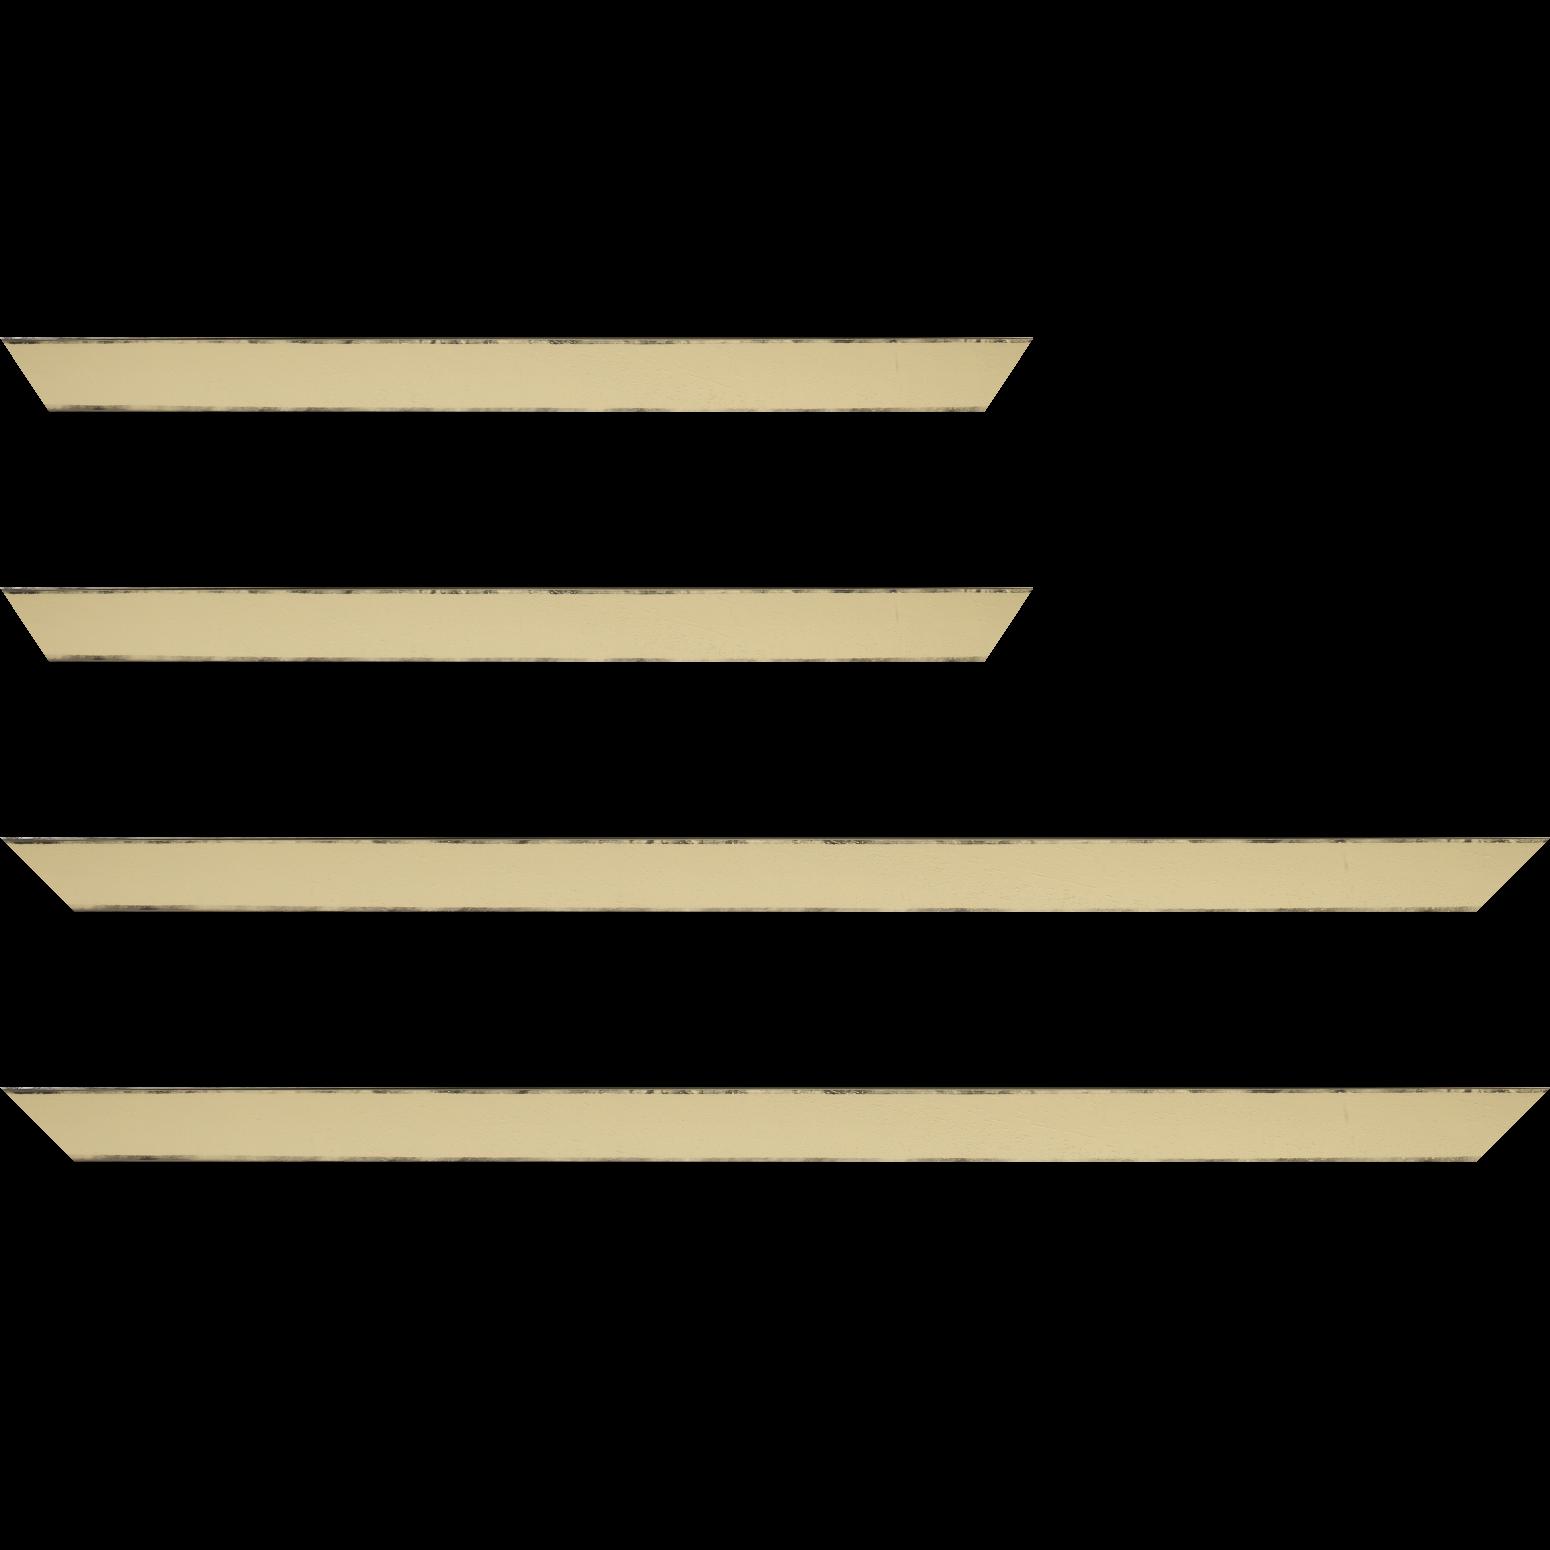 Baguette service précoupé Bois profil concave largeur 2.4cm couleur ivoire satiné arêtes essuyés noircies de chaque coté